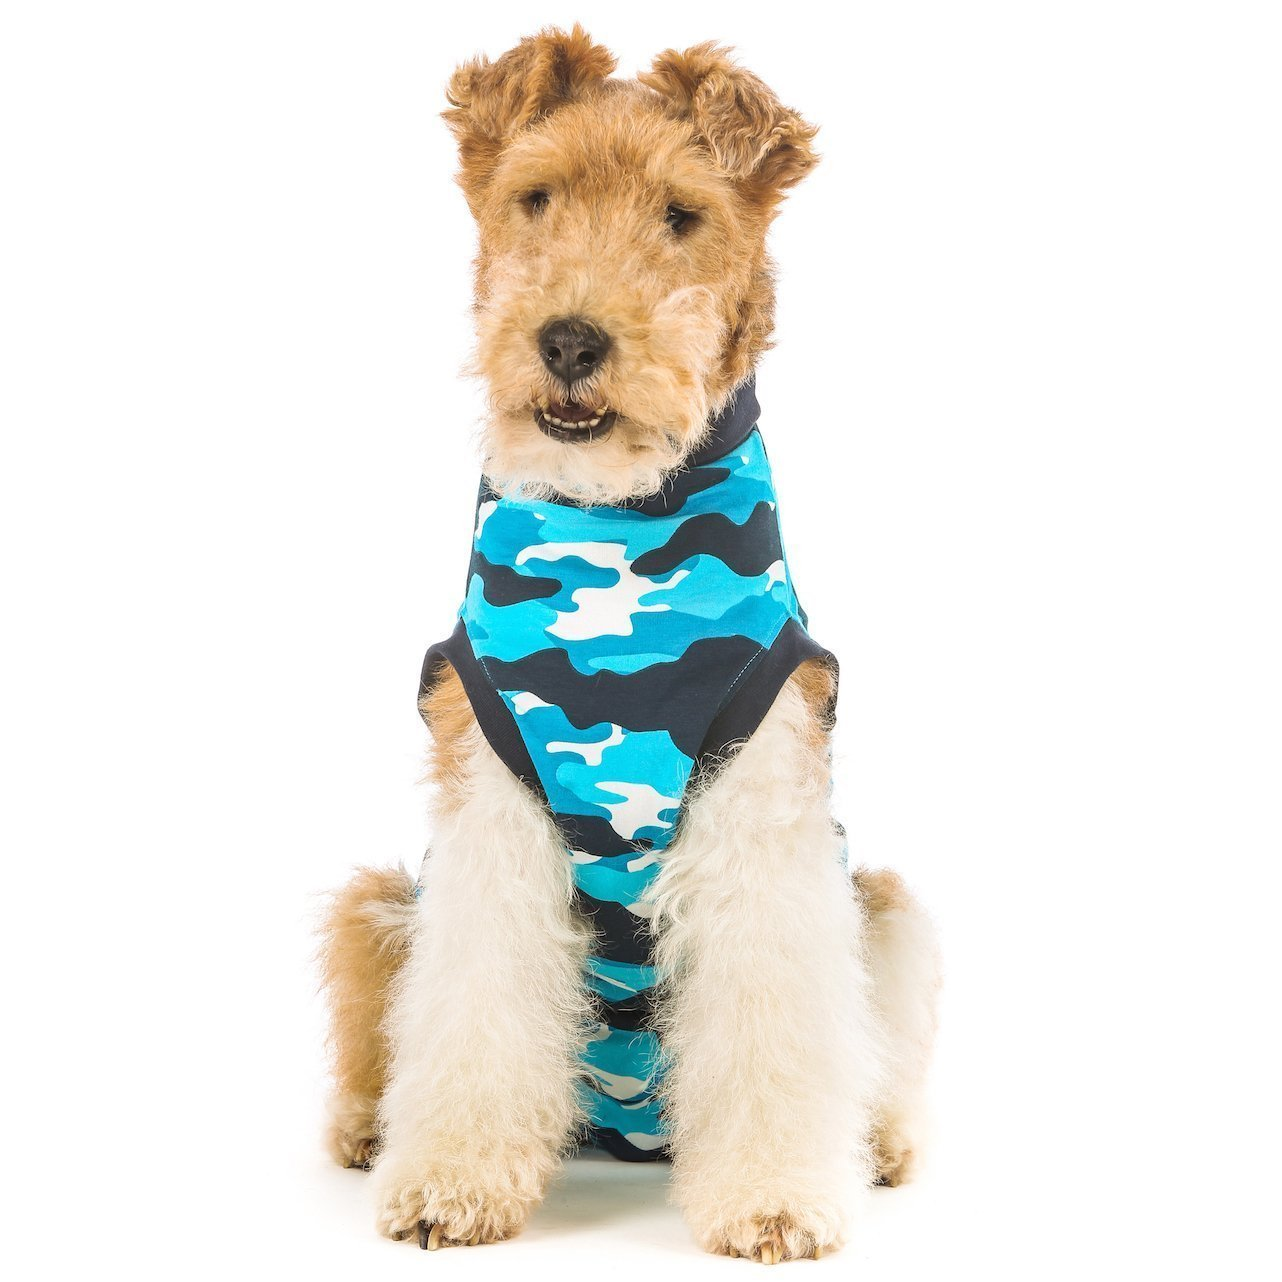 Suitical restauration pour chien, X Small, Bleu camouflage 30-0015